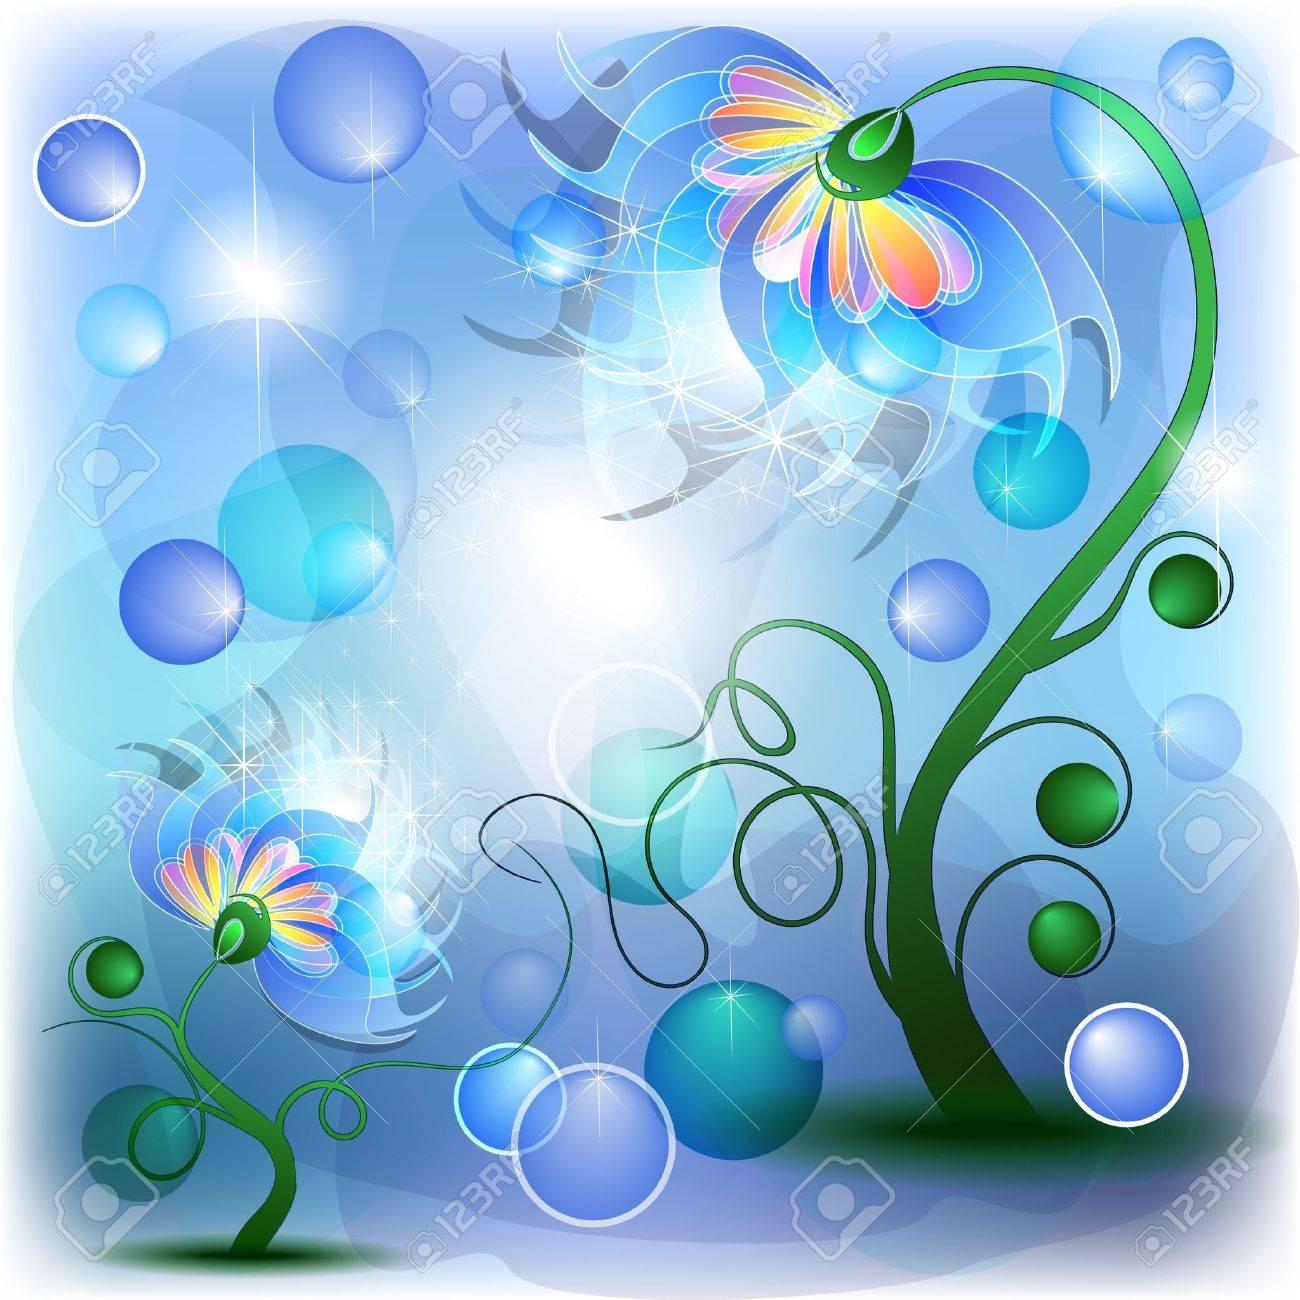 Fata fiori blu mamma e il bambino in astratto da sogno Archivio Fotografico - 12493483